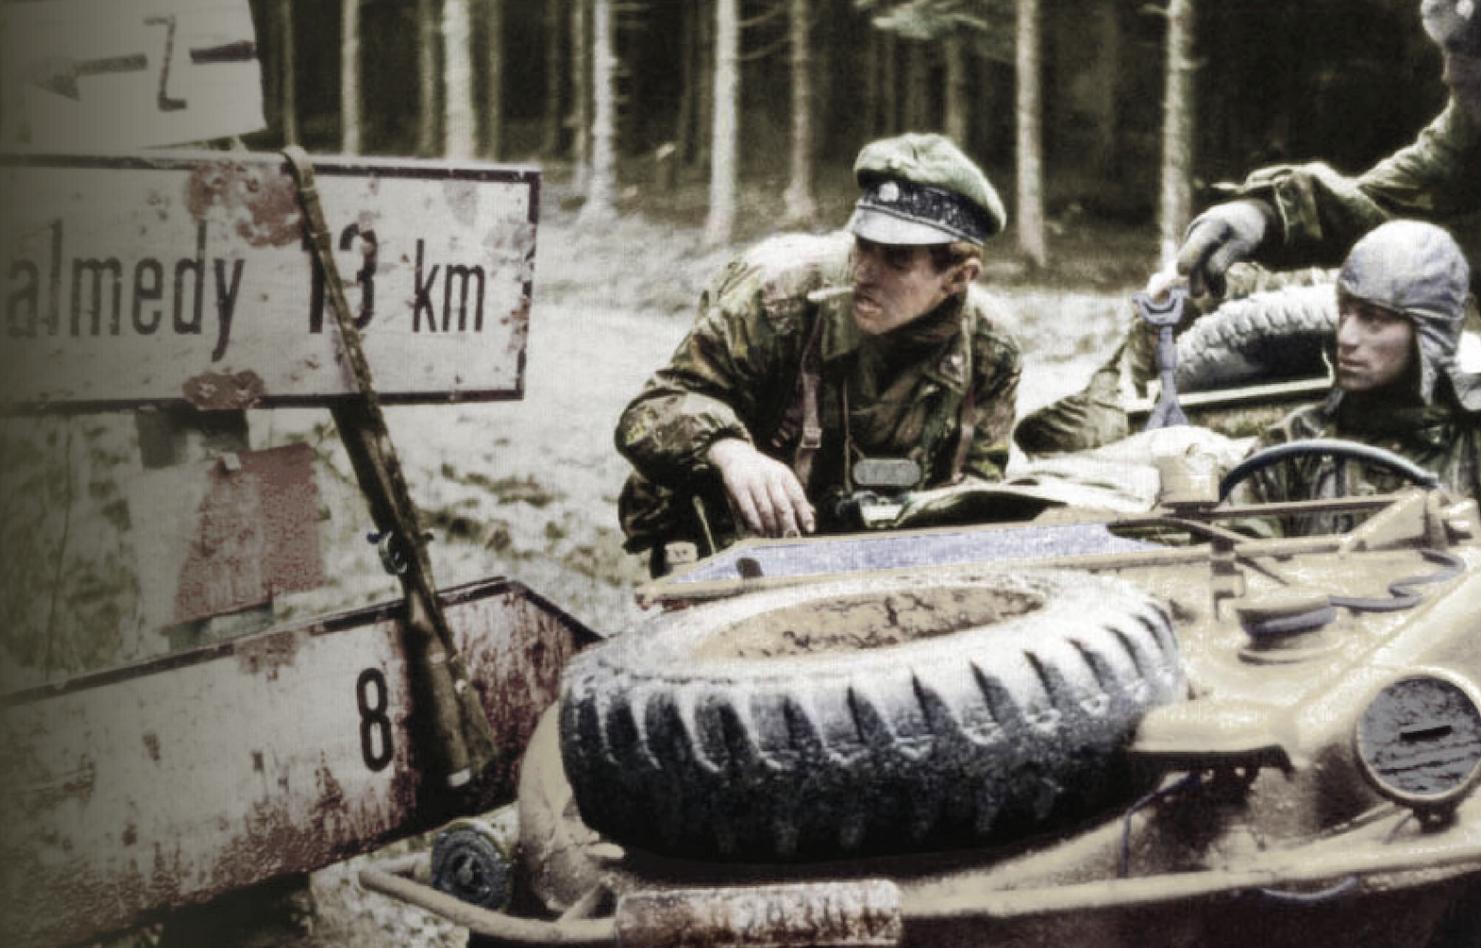 Stabswache de Euros: Third Battle of Kharkov: the Kharkov